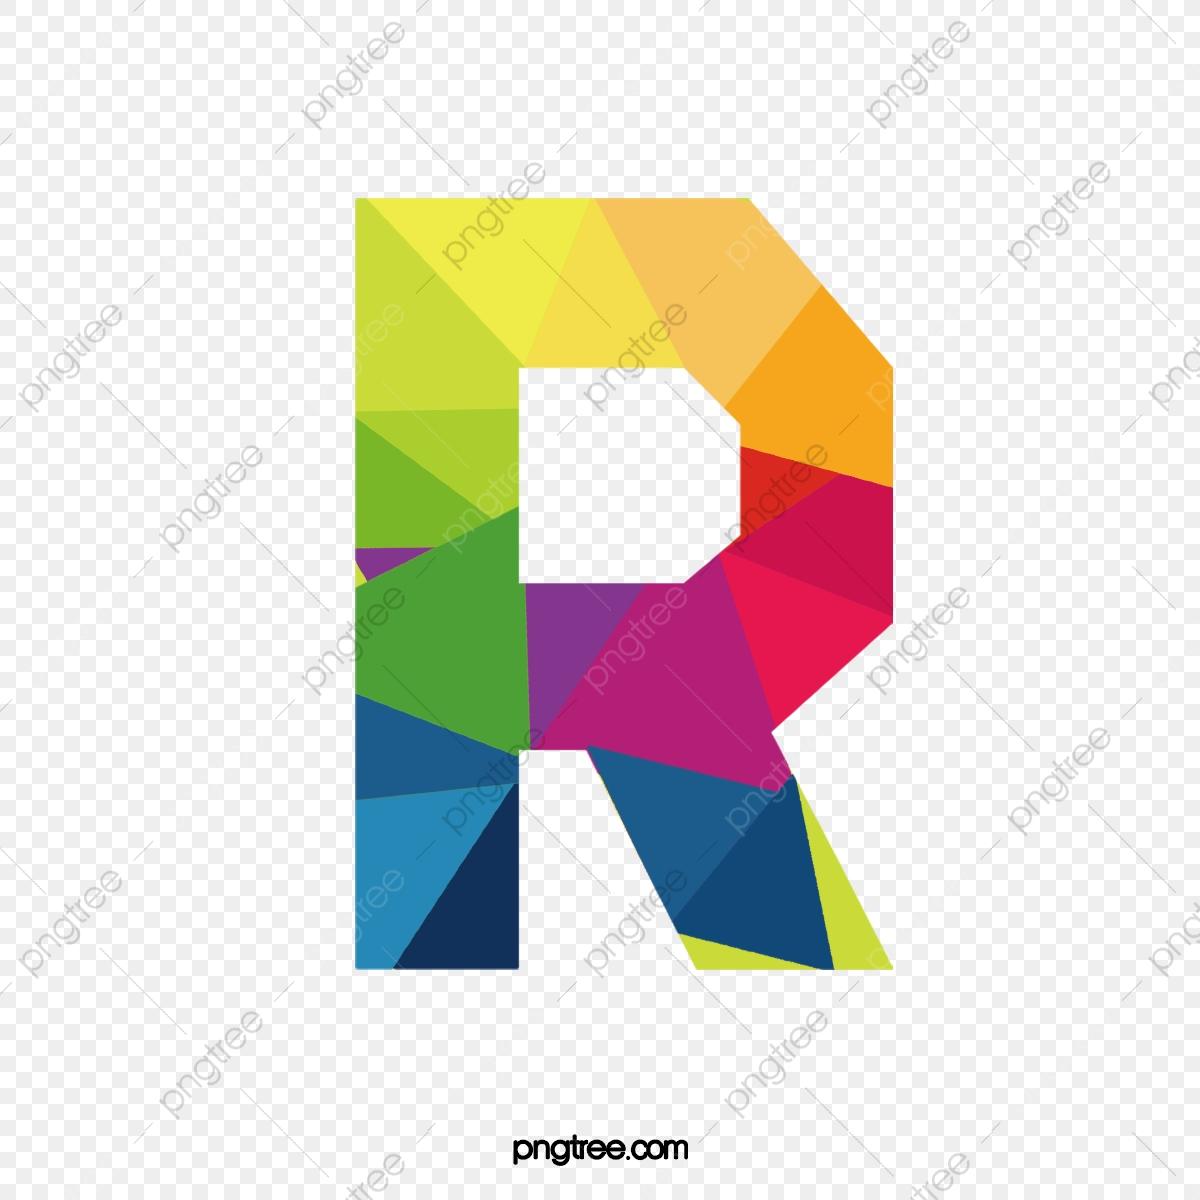 Letters letter png transparent. R clipart colorful